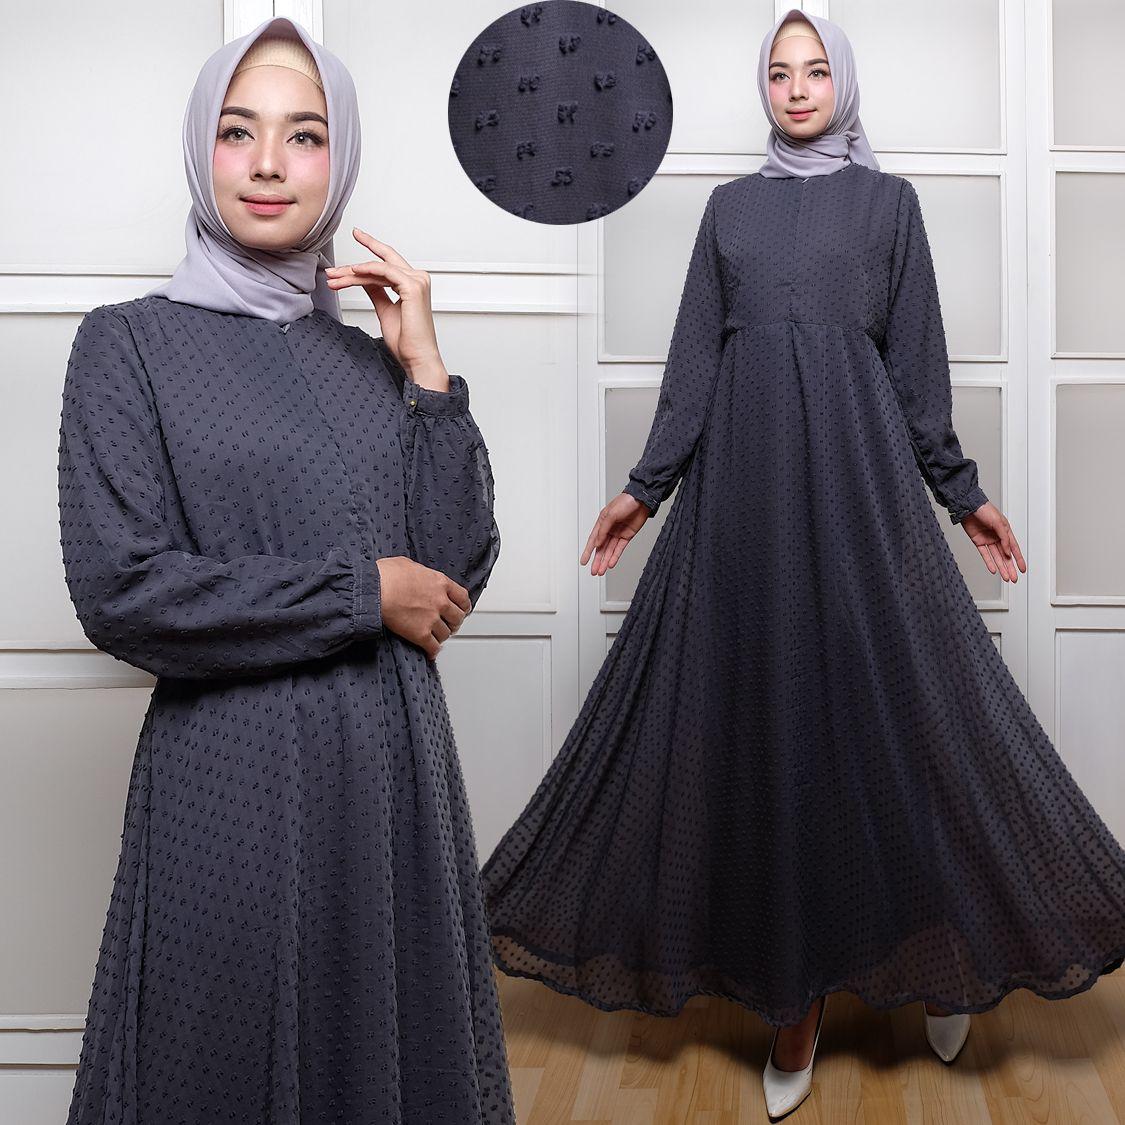 Baju Gamis Polos Terbaru Rubiah Maxi Trend Busana Muslim Butik